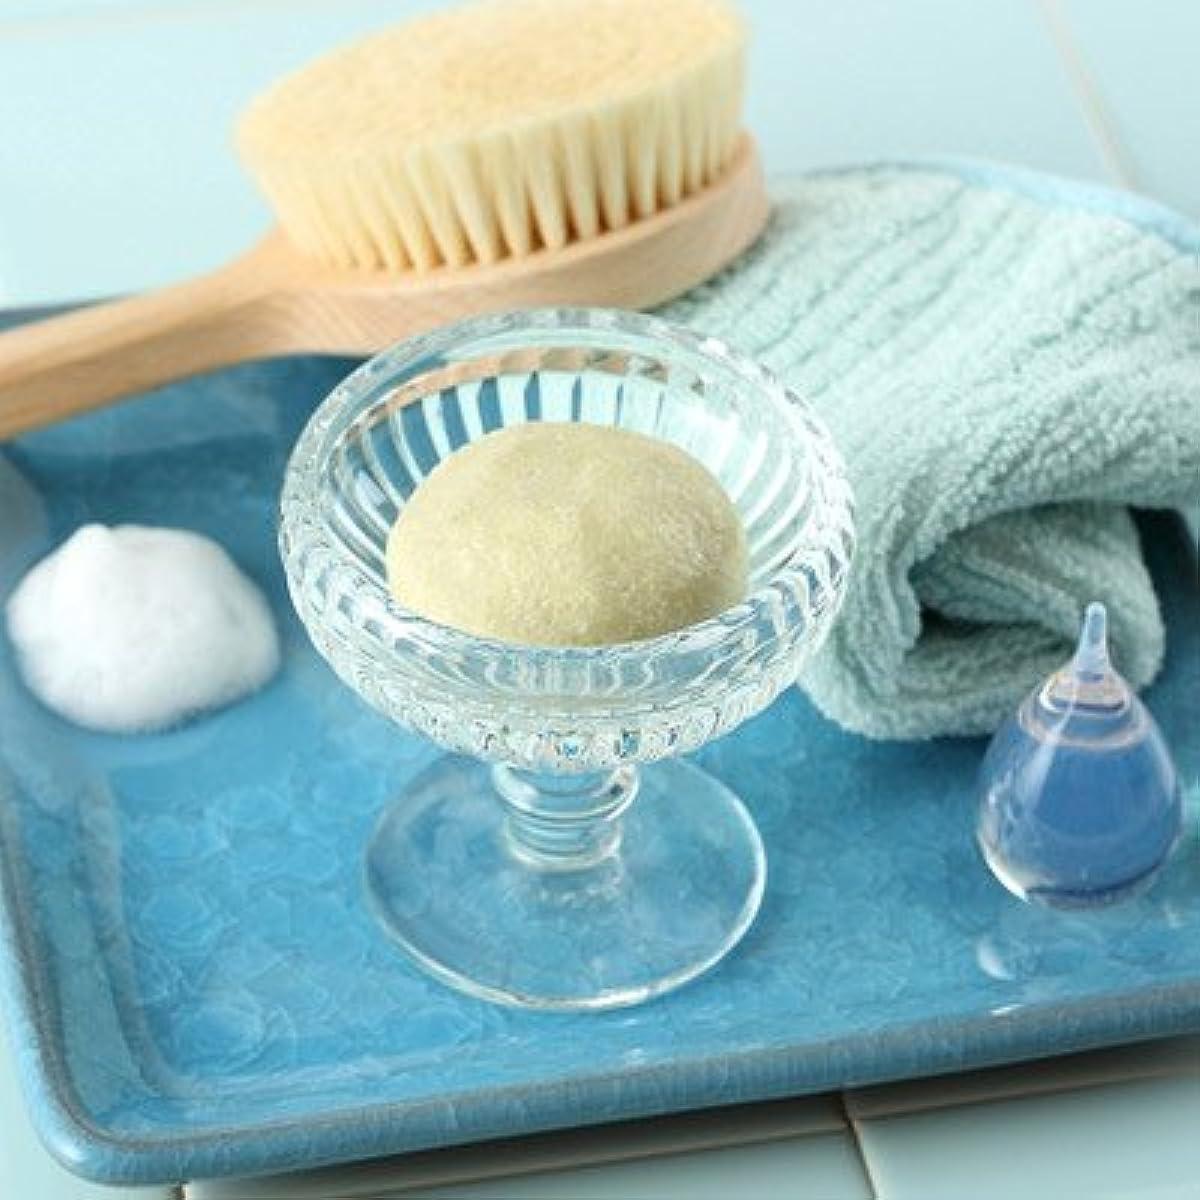 窒息させる排出変装した敏感肌の方にも安心してお使いいただける石鹸 玉川小町「シルクと白樺の無添加手練り石けん(極)80g」